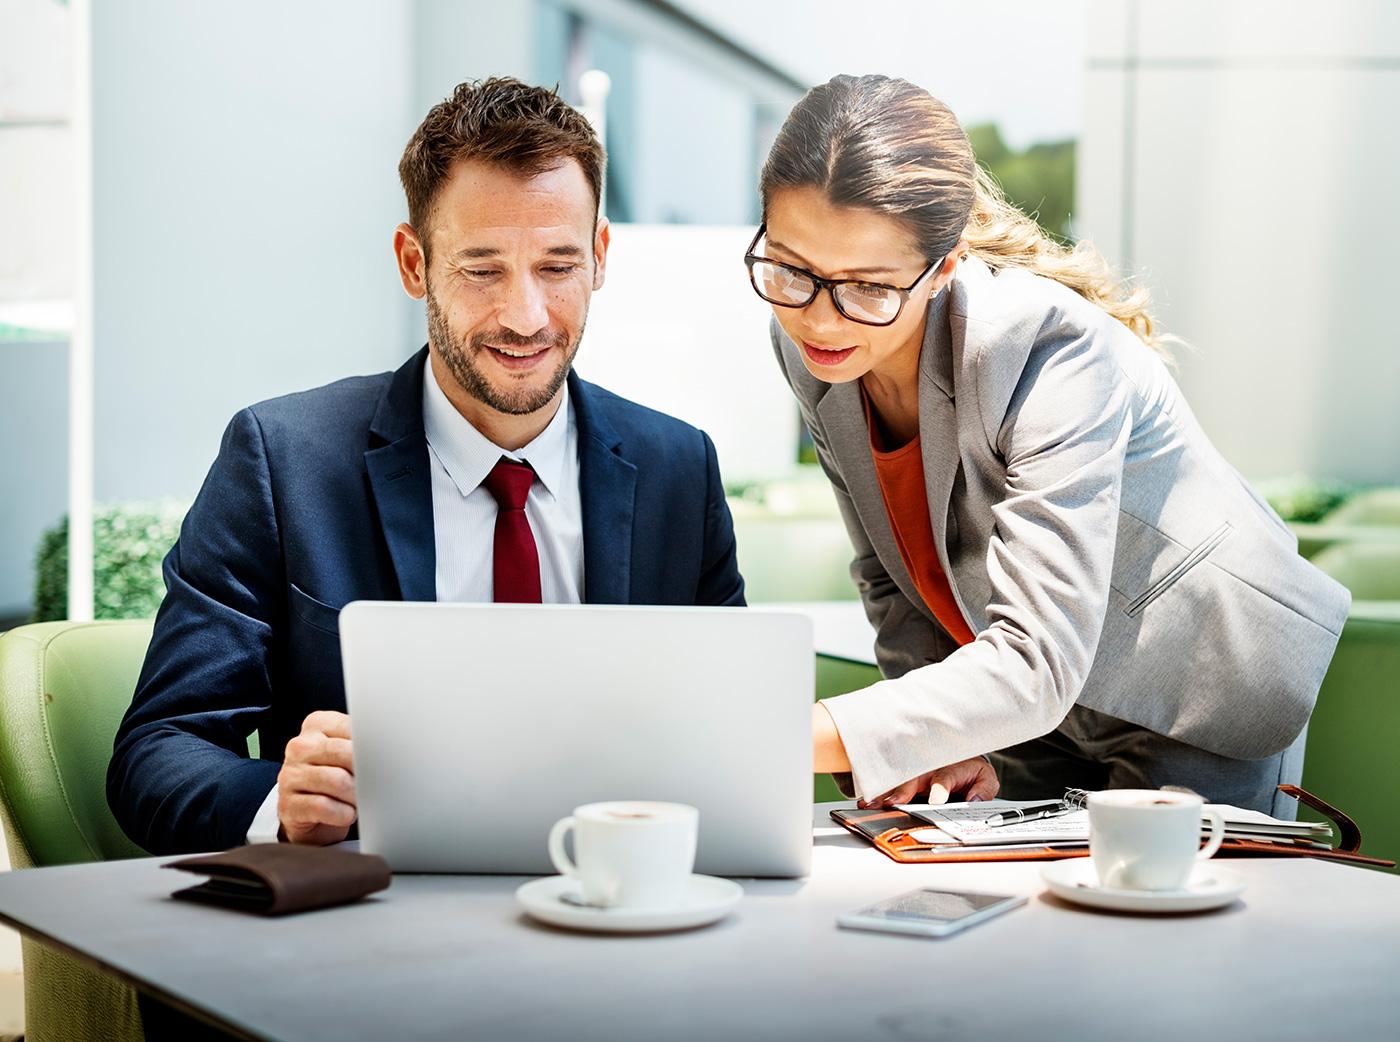 Neukundengewinnung B2B - Für Selbstständige & Unternehmen